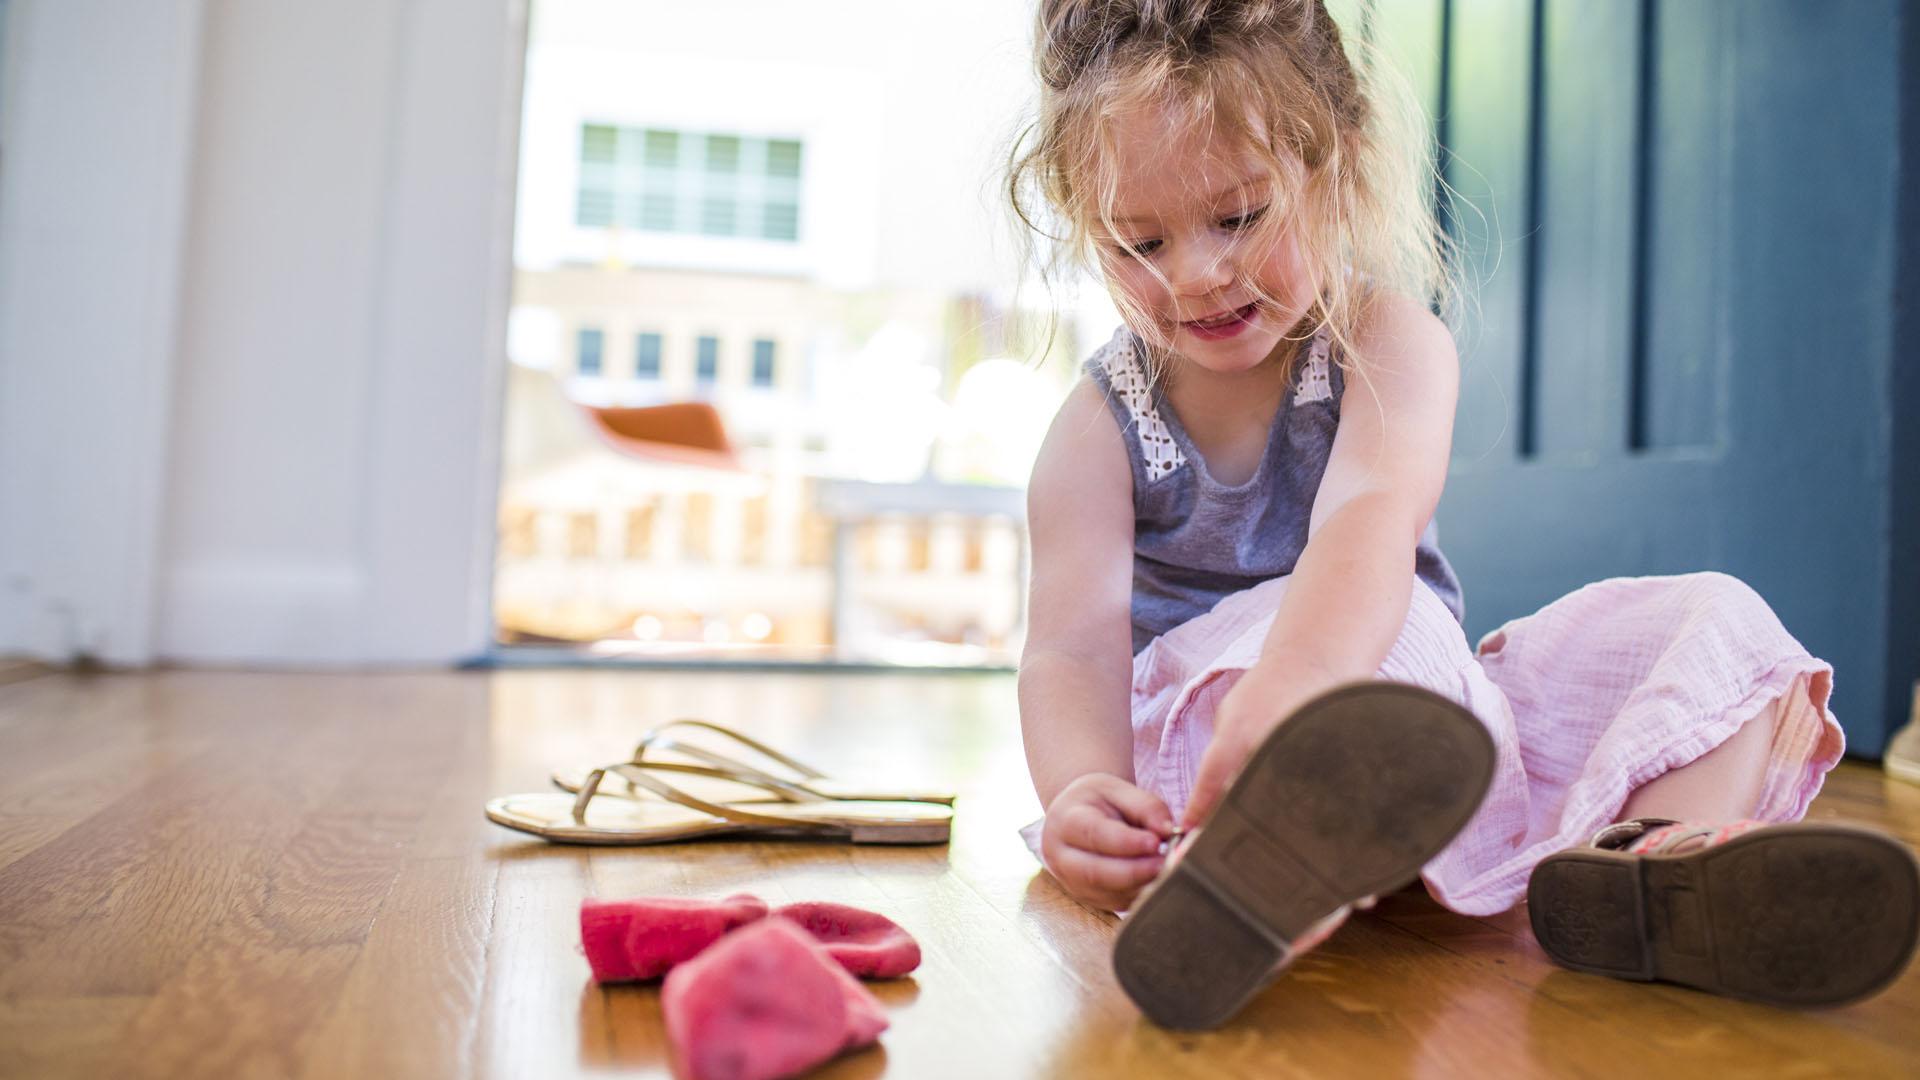 Tippek gyerekruha és cipő netes vásárlásához